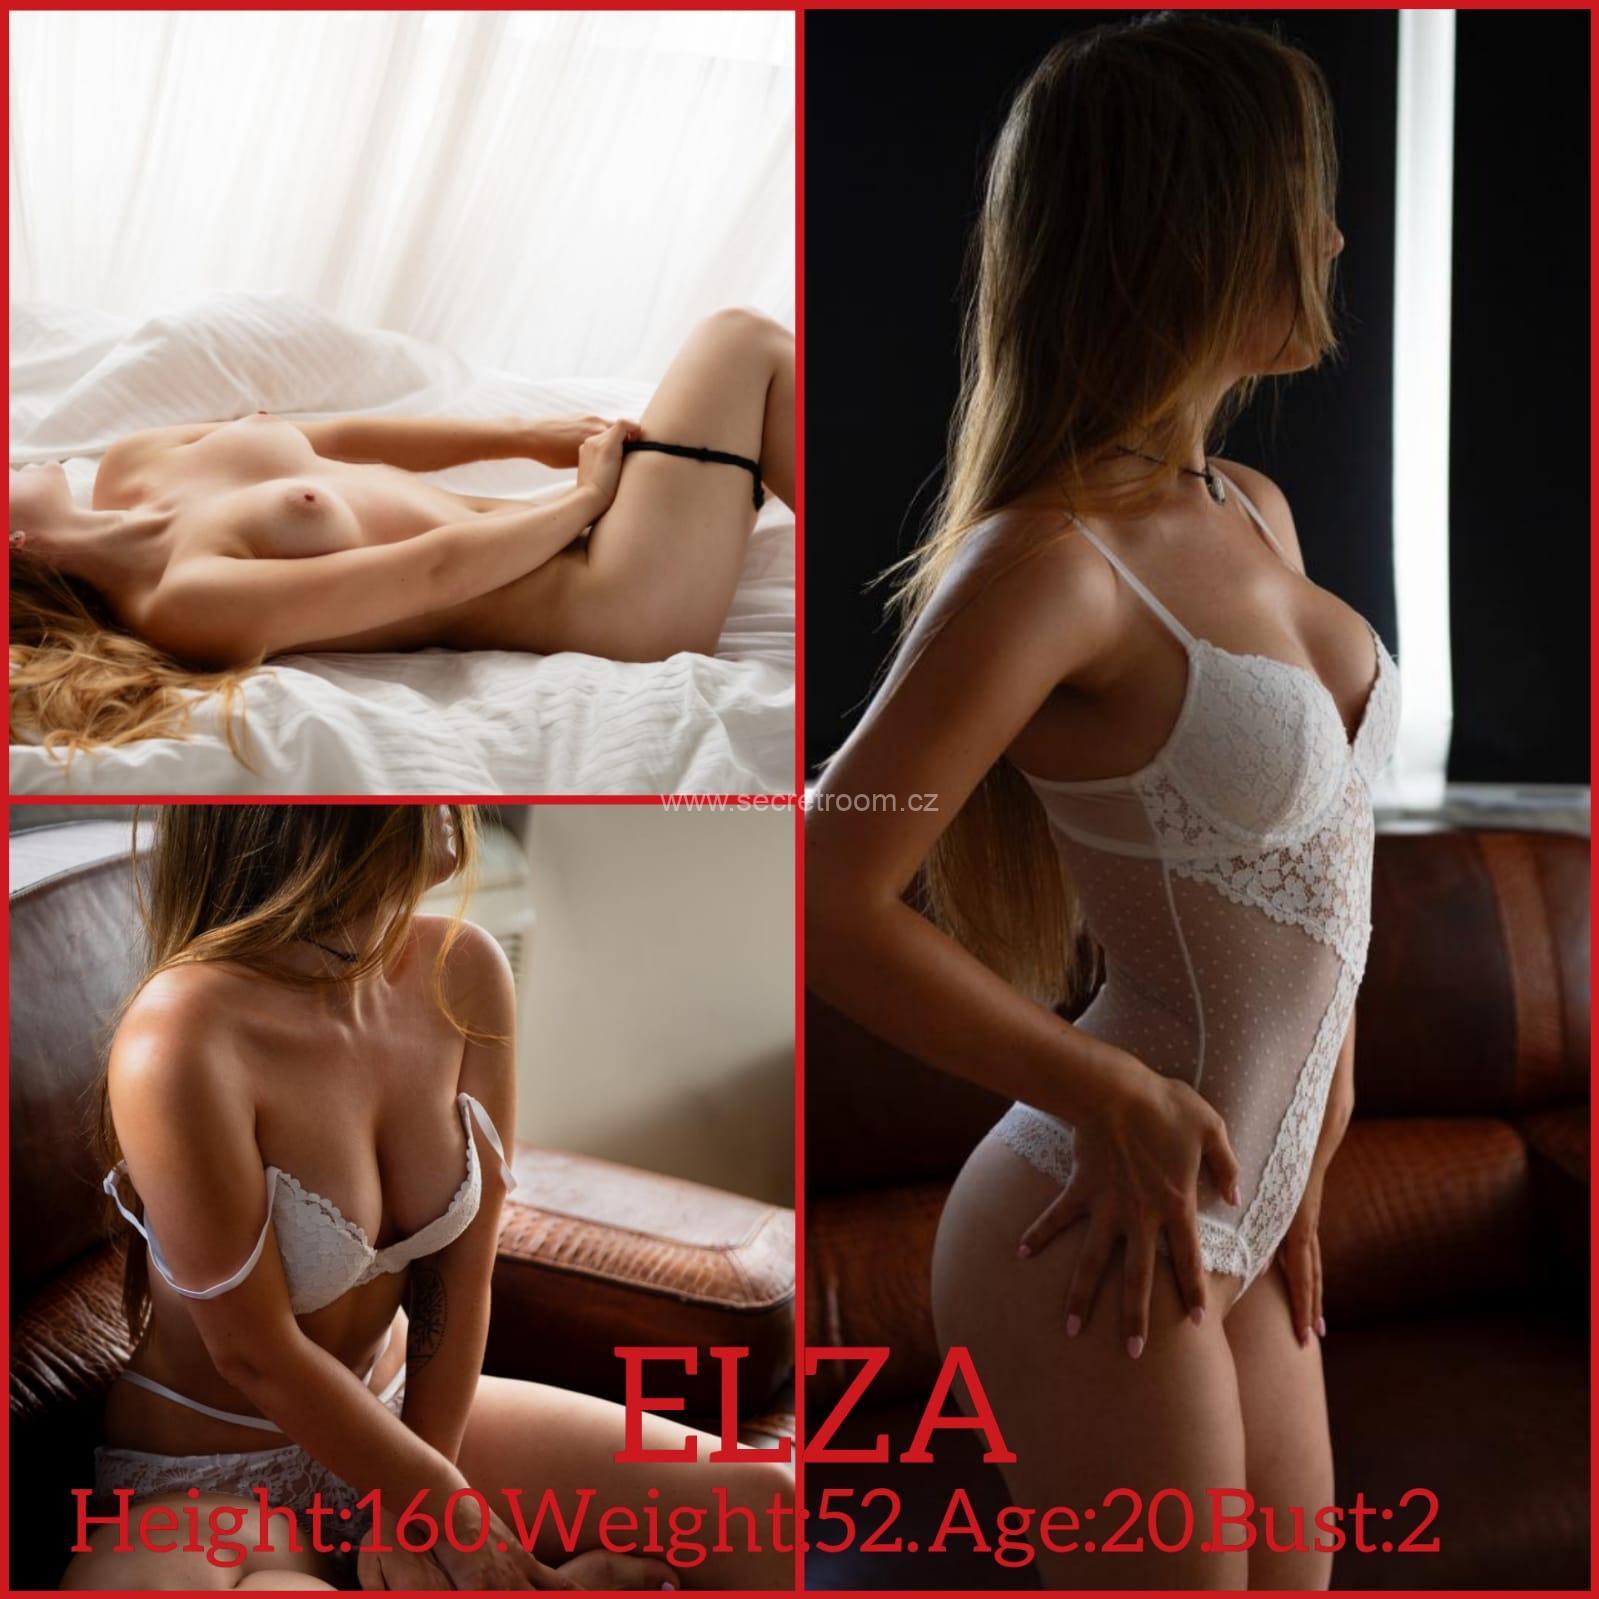 Elza: